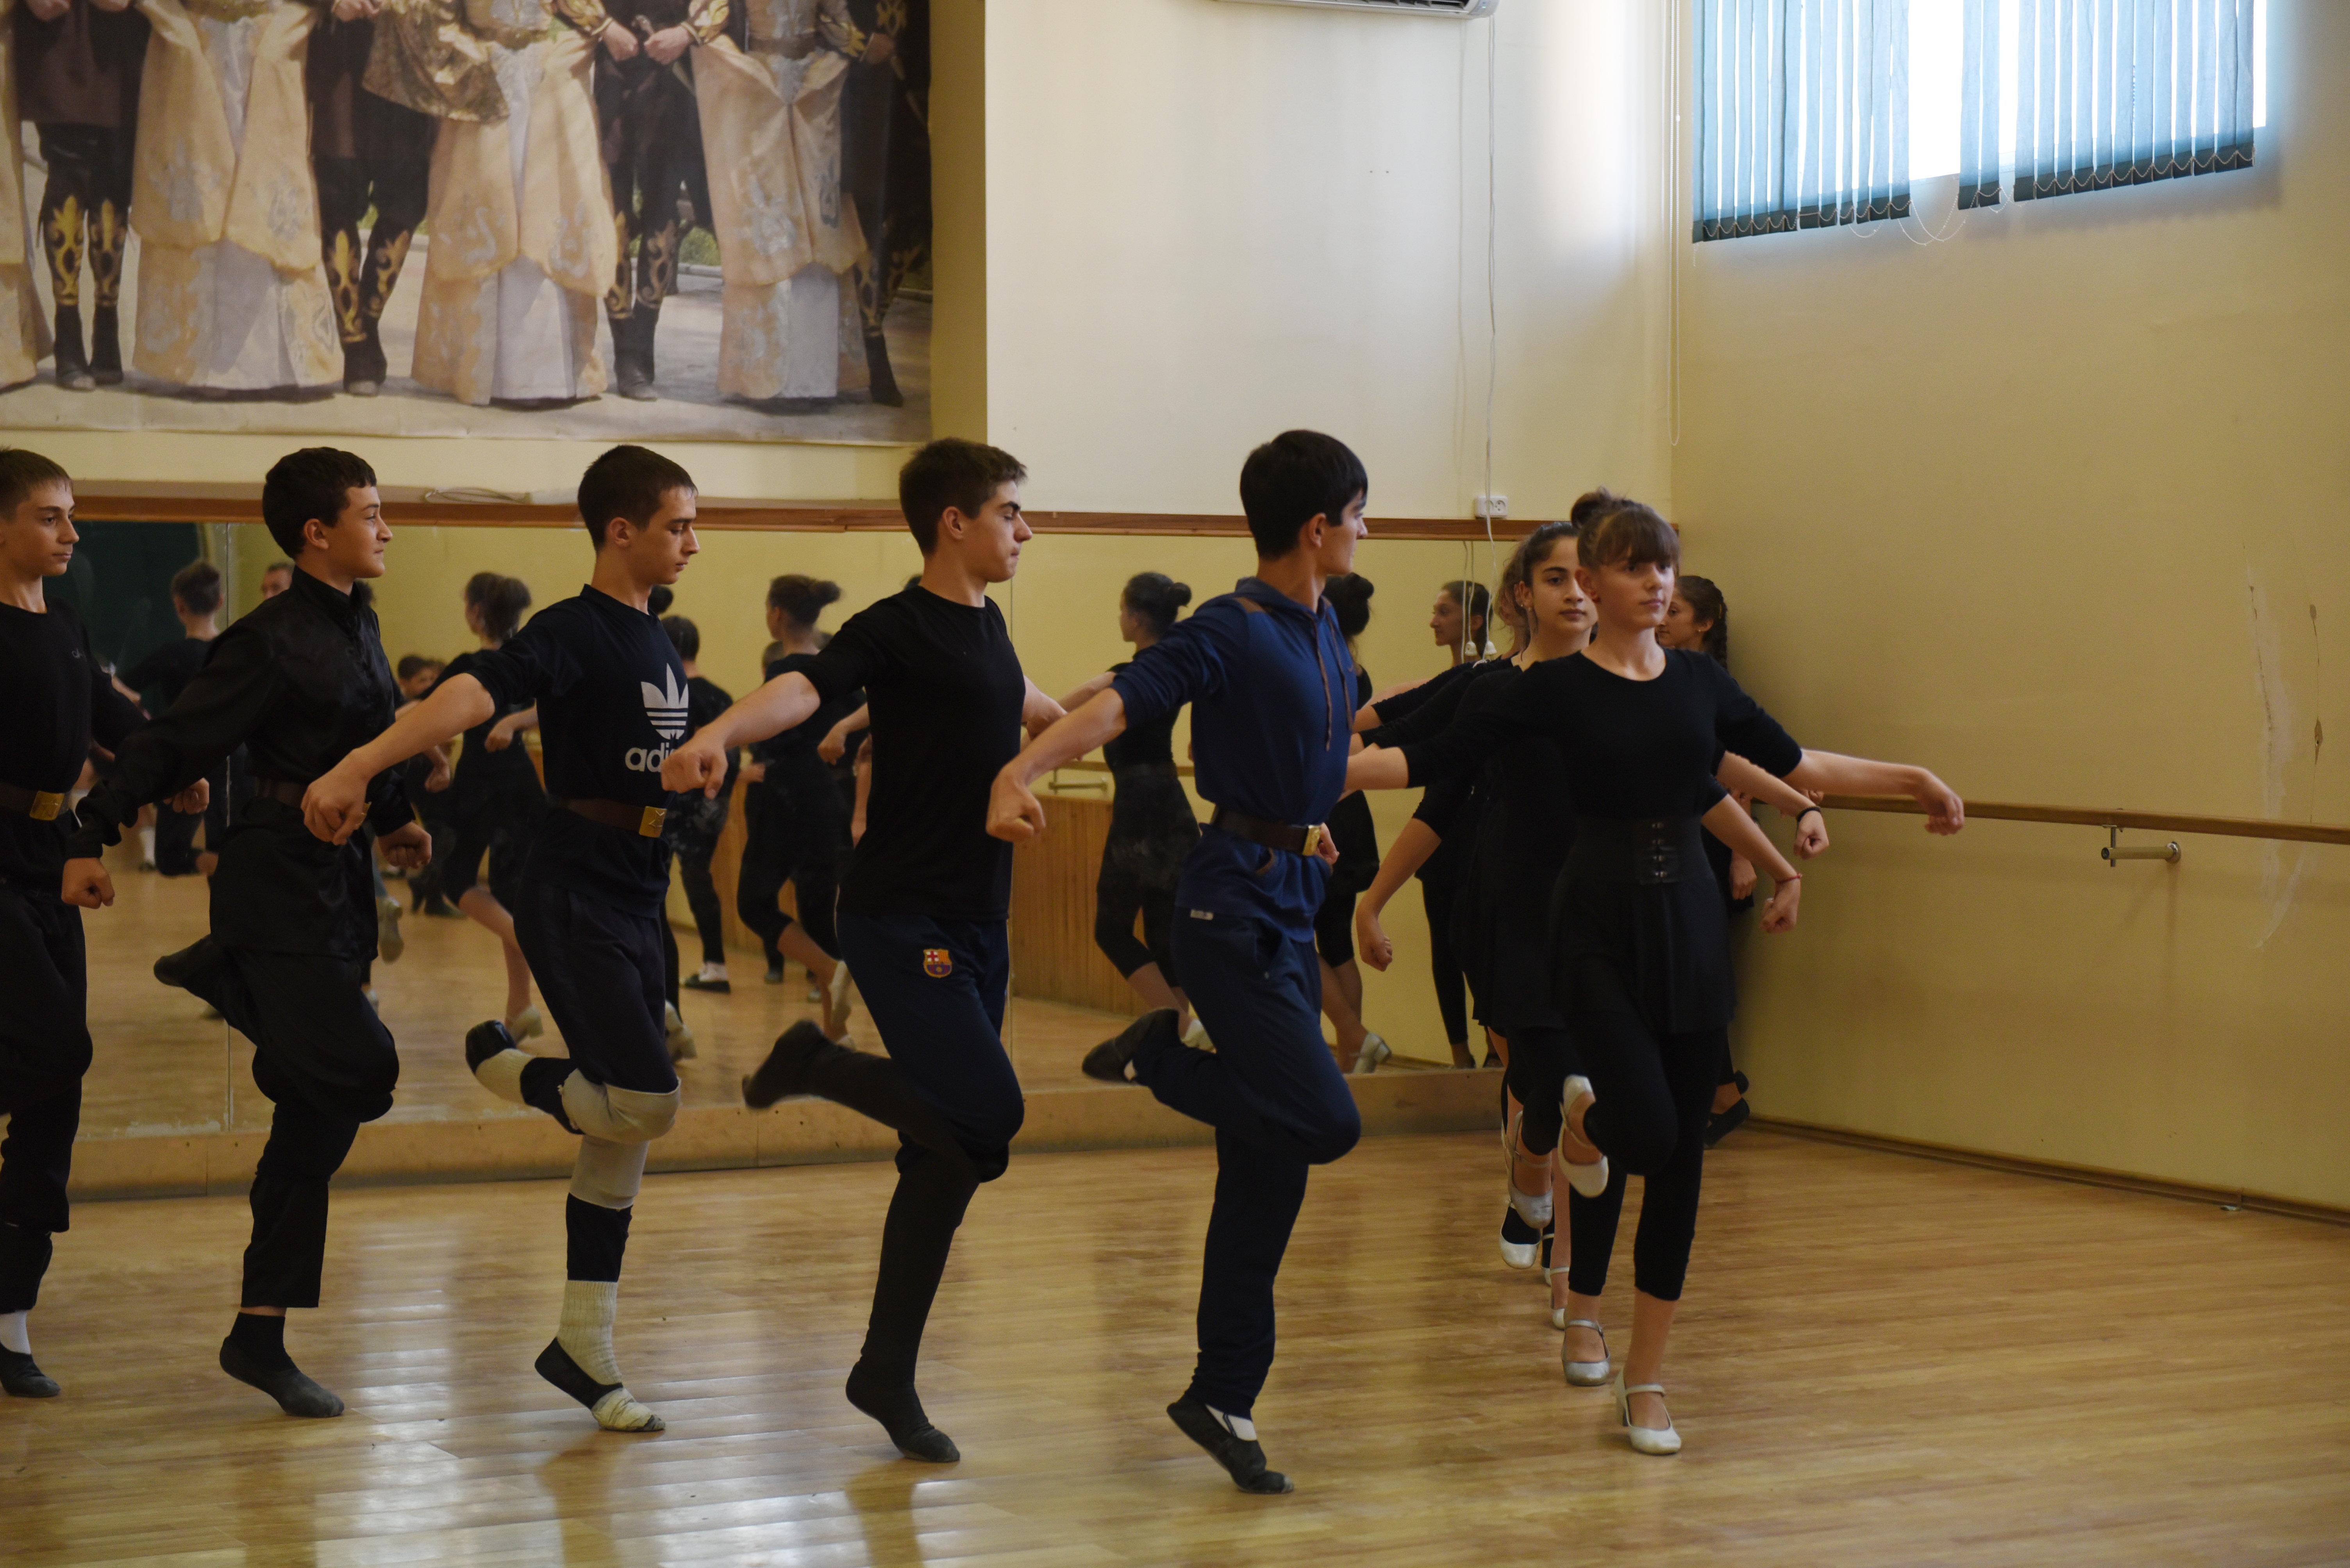 Репетиция танцевального ансамбля Скифы